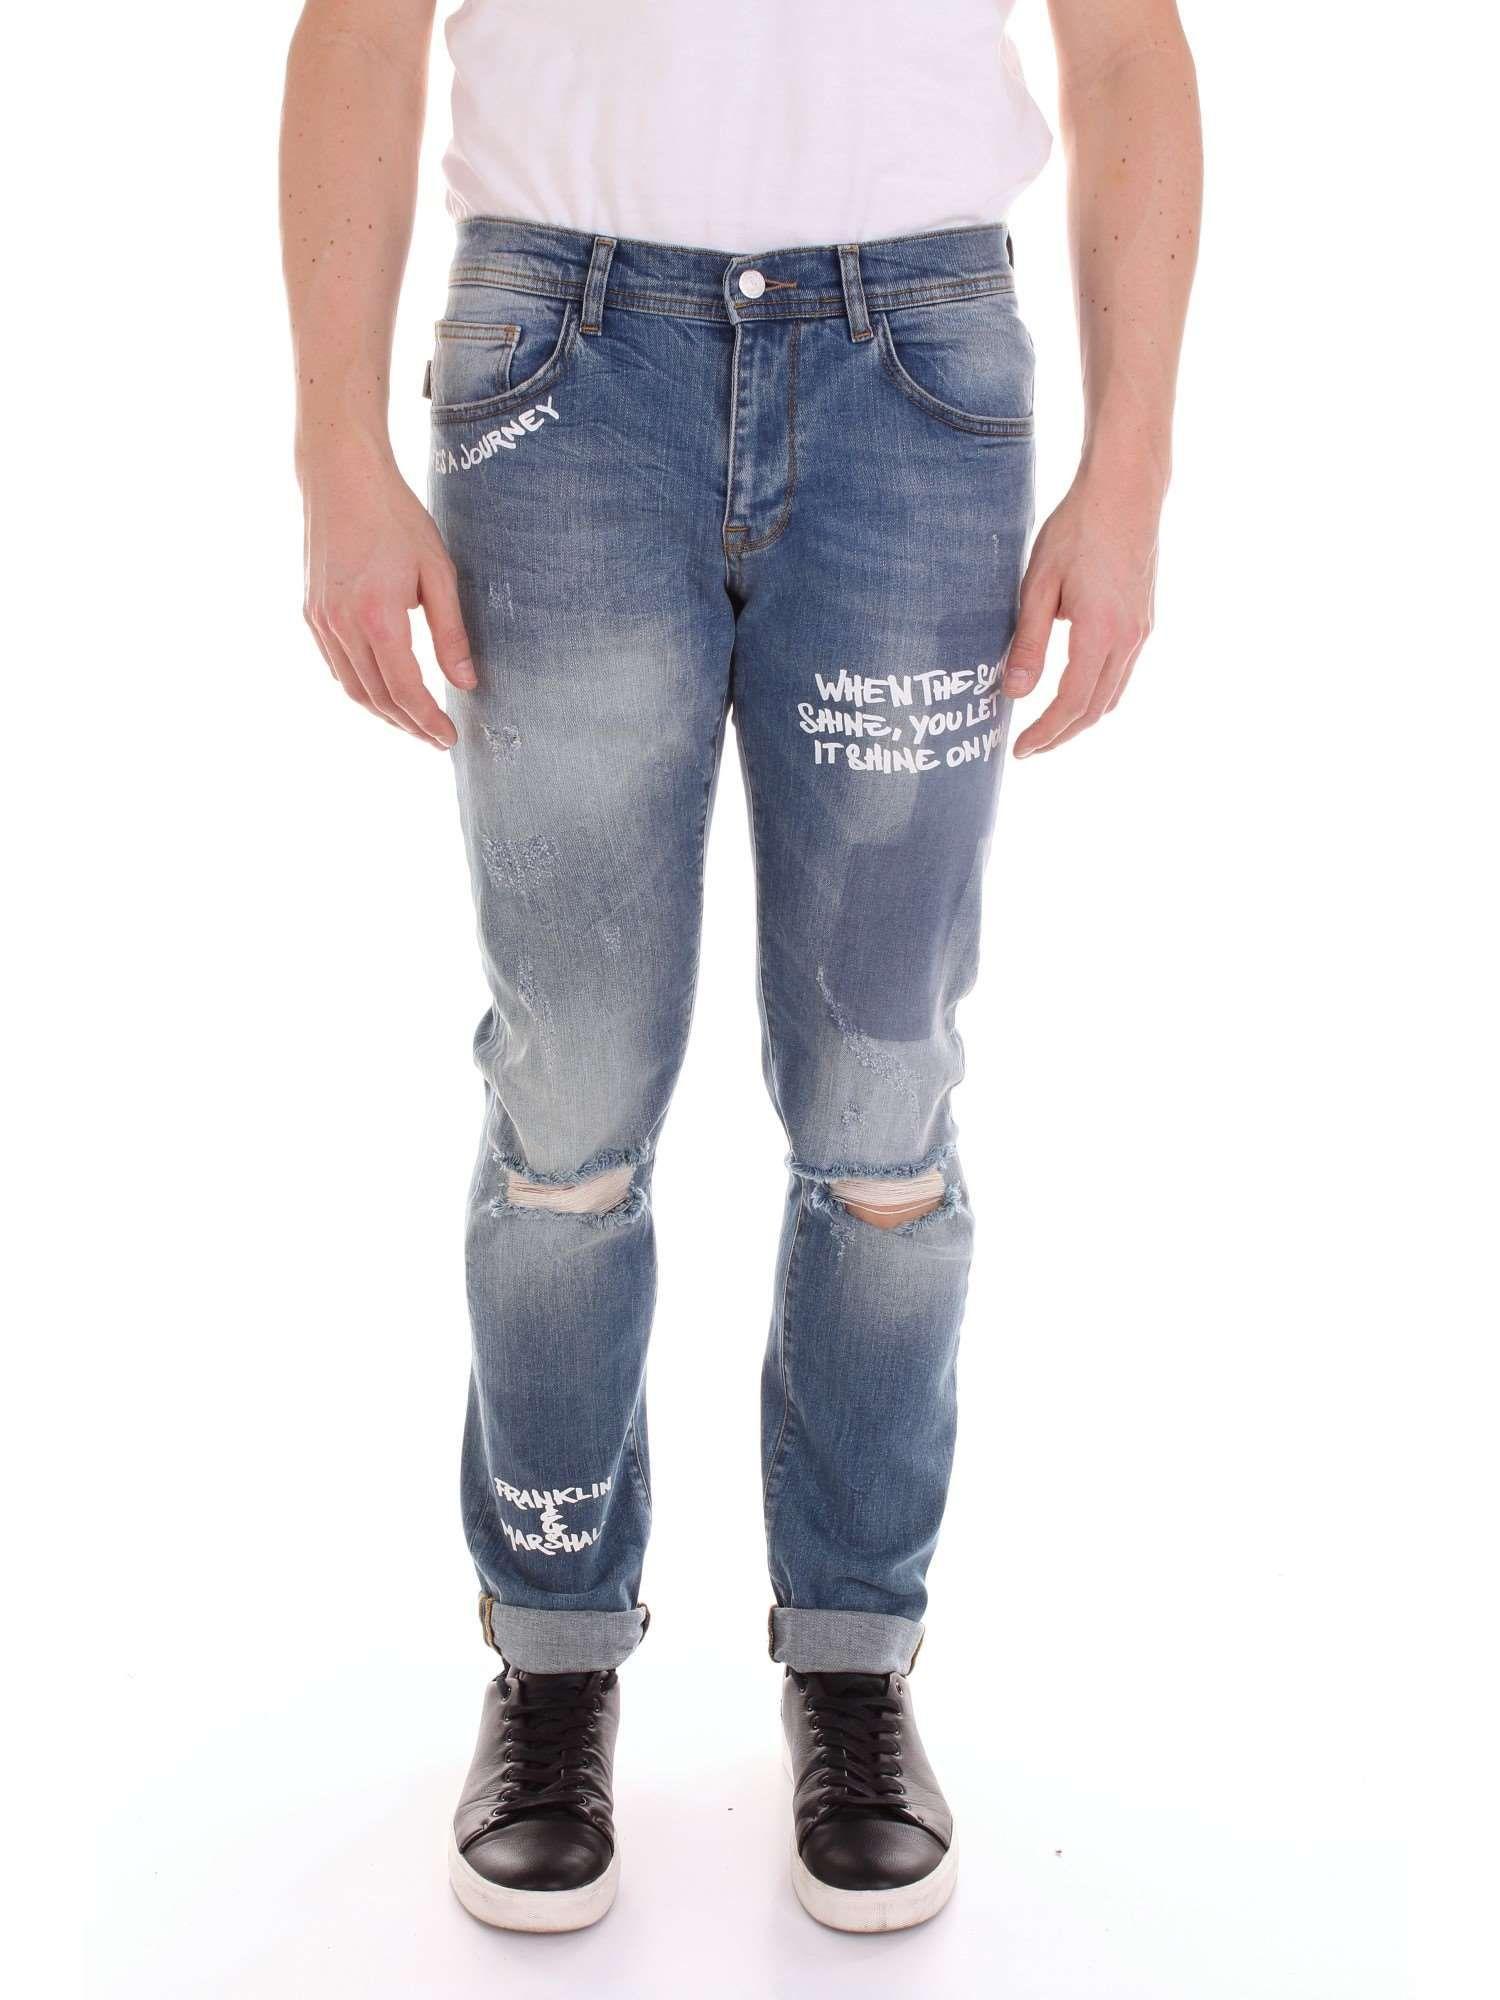 outlet store c0af0 61c7c Lyst - Franklin & Marshall Blue Cotton Jeans in Blue for Men